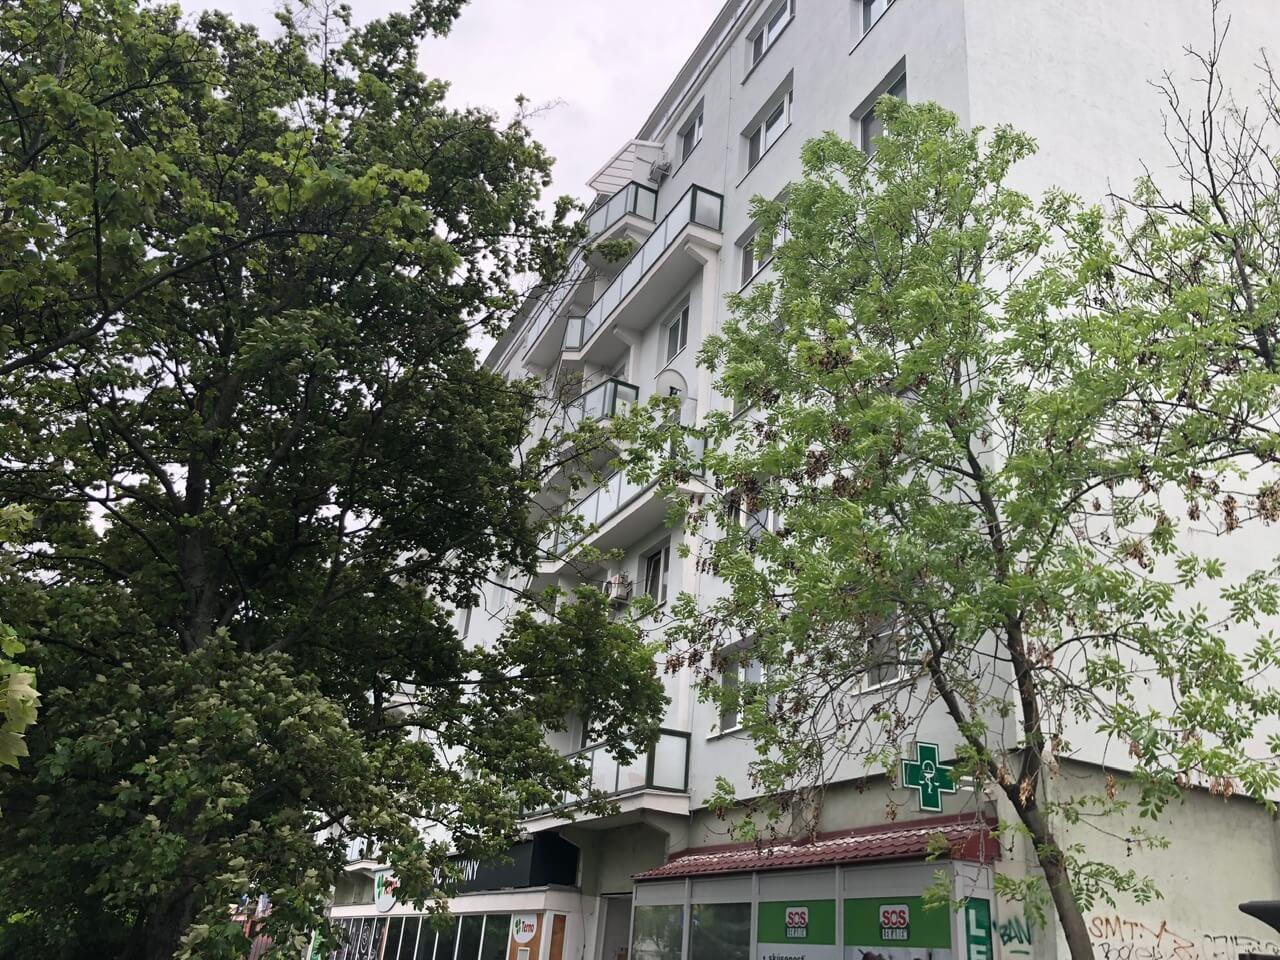 Prenajatý: 3 izbový byt, Račianska 85, 63m2, balkon 10m2, výborná lokalita-15